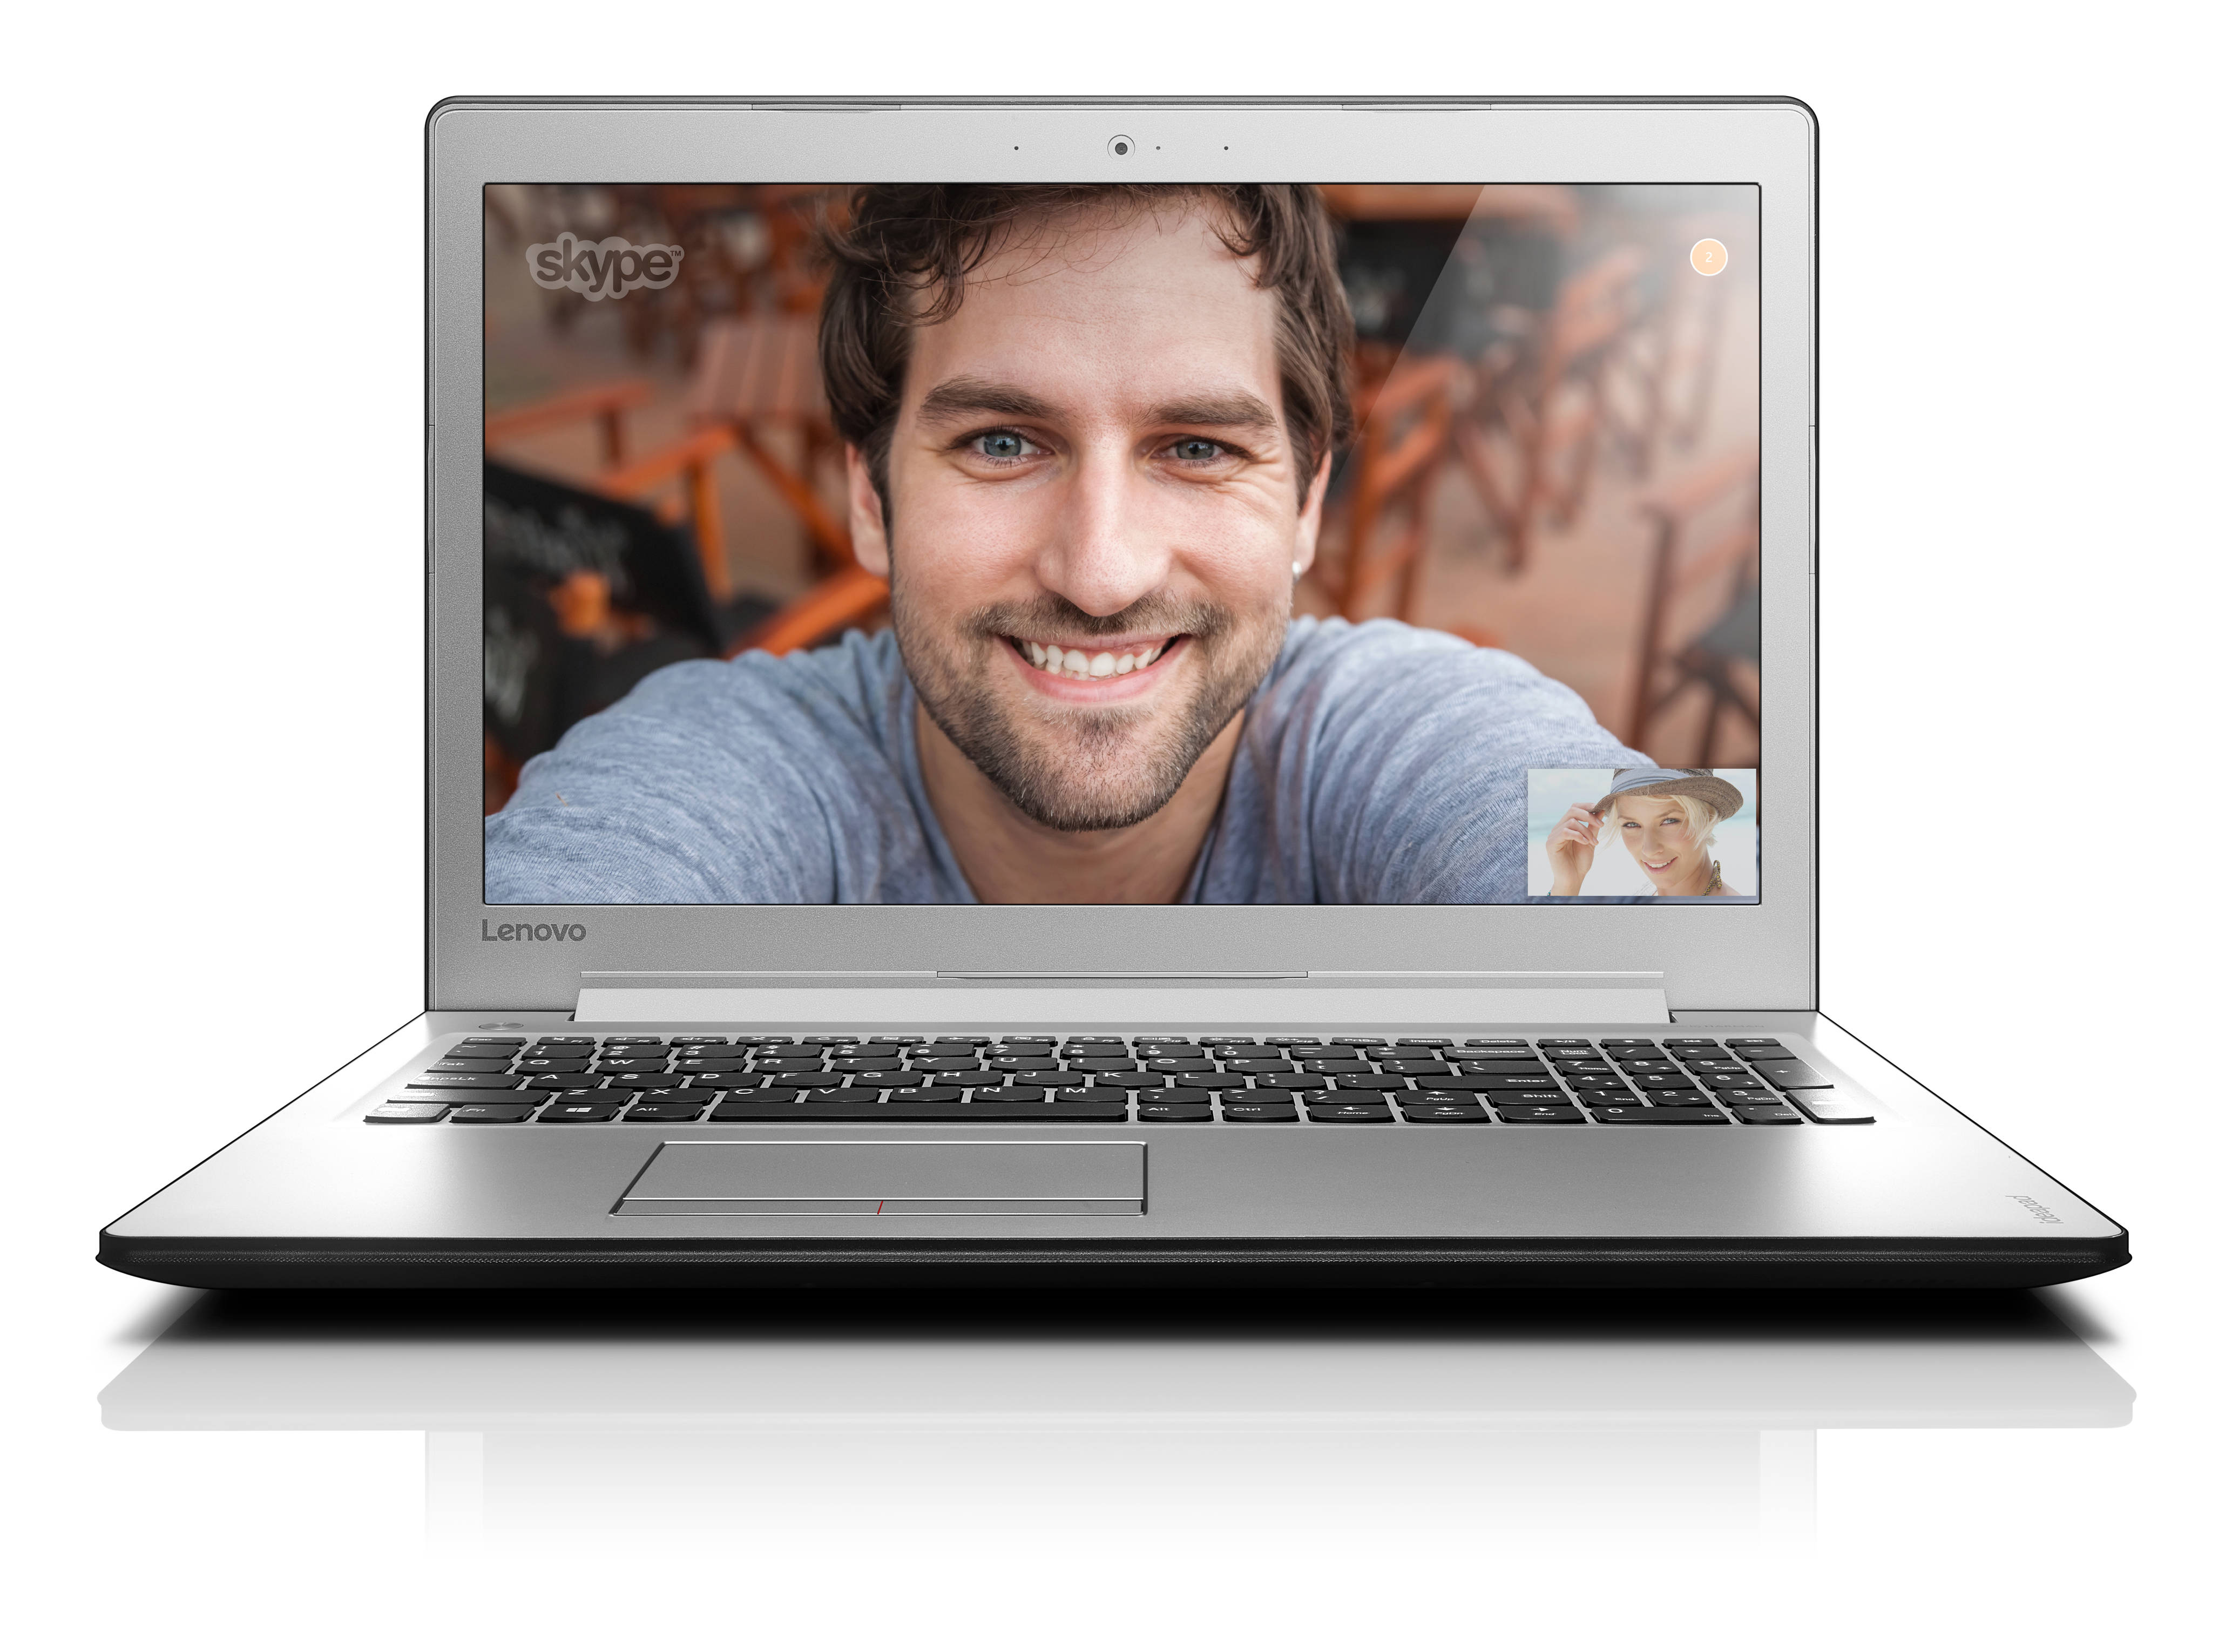 Lenovo IdeaPad 510 15.6 FHD/I5-6200U/8G/1TB/NV4G/W10 black